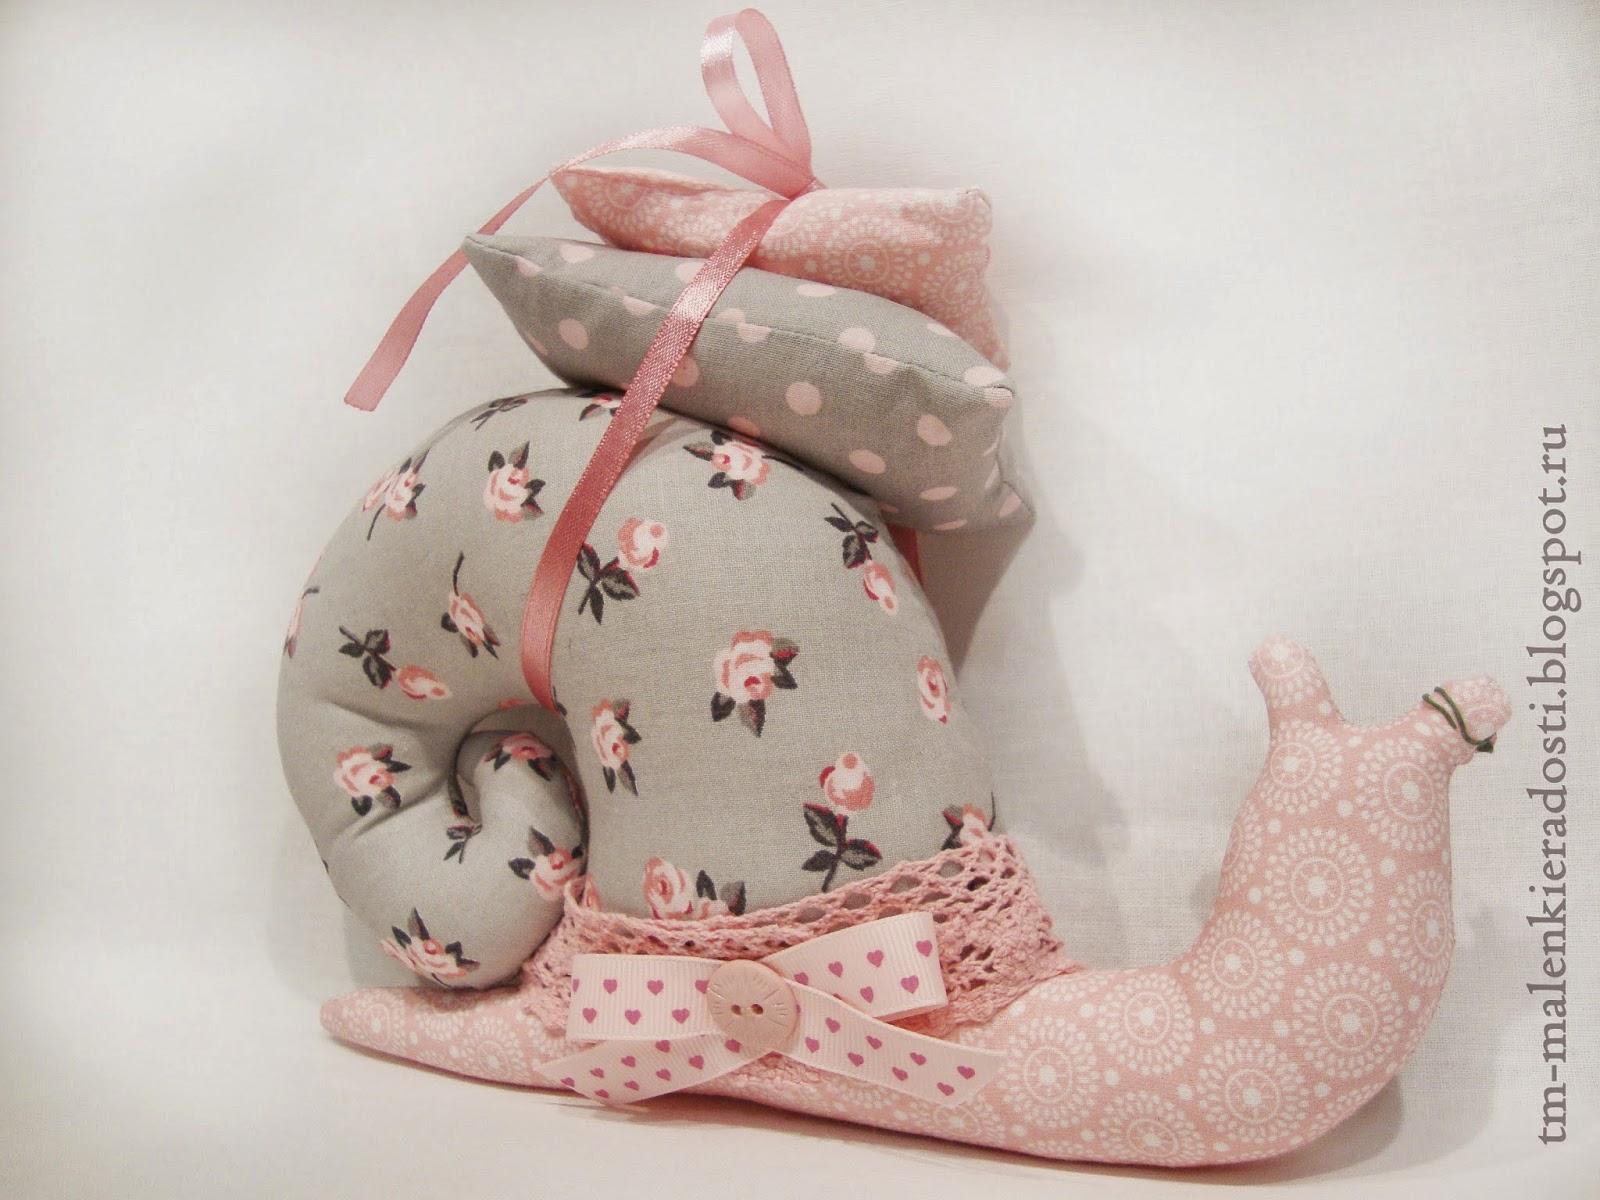 Улитка ручной работы. С подушками. Выполнена в пастельных тонах.